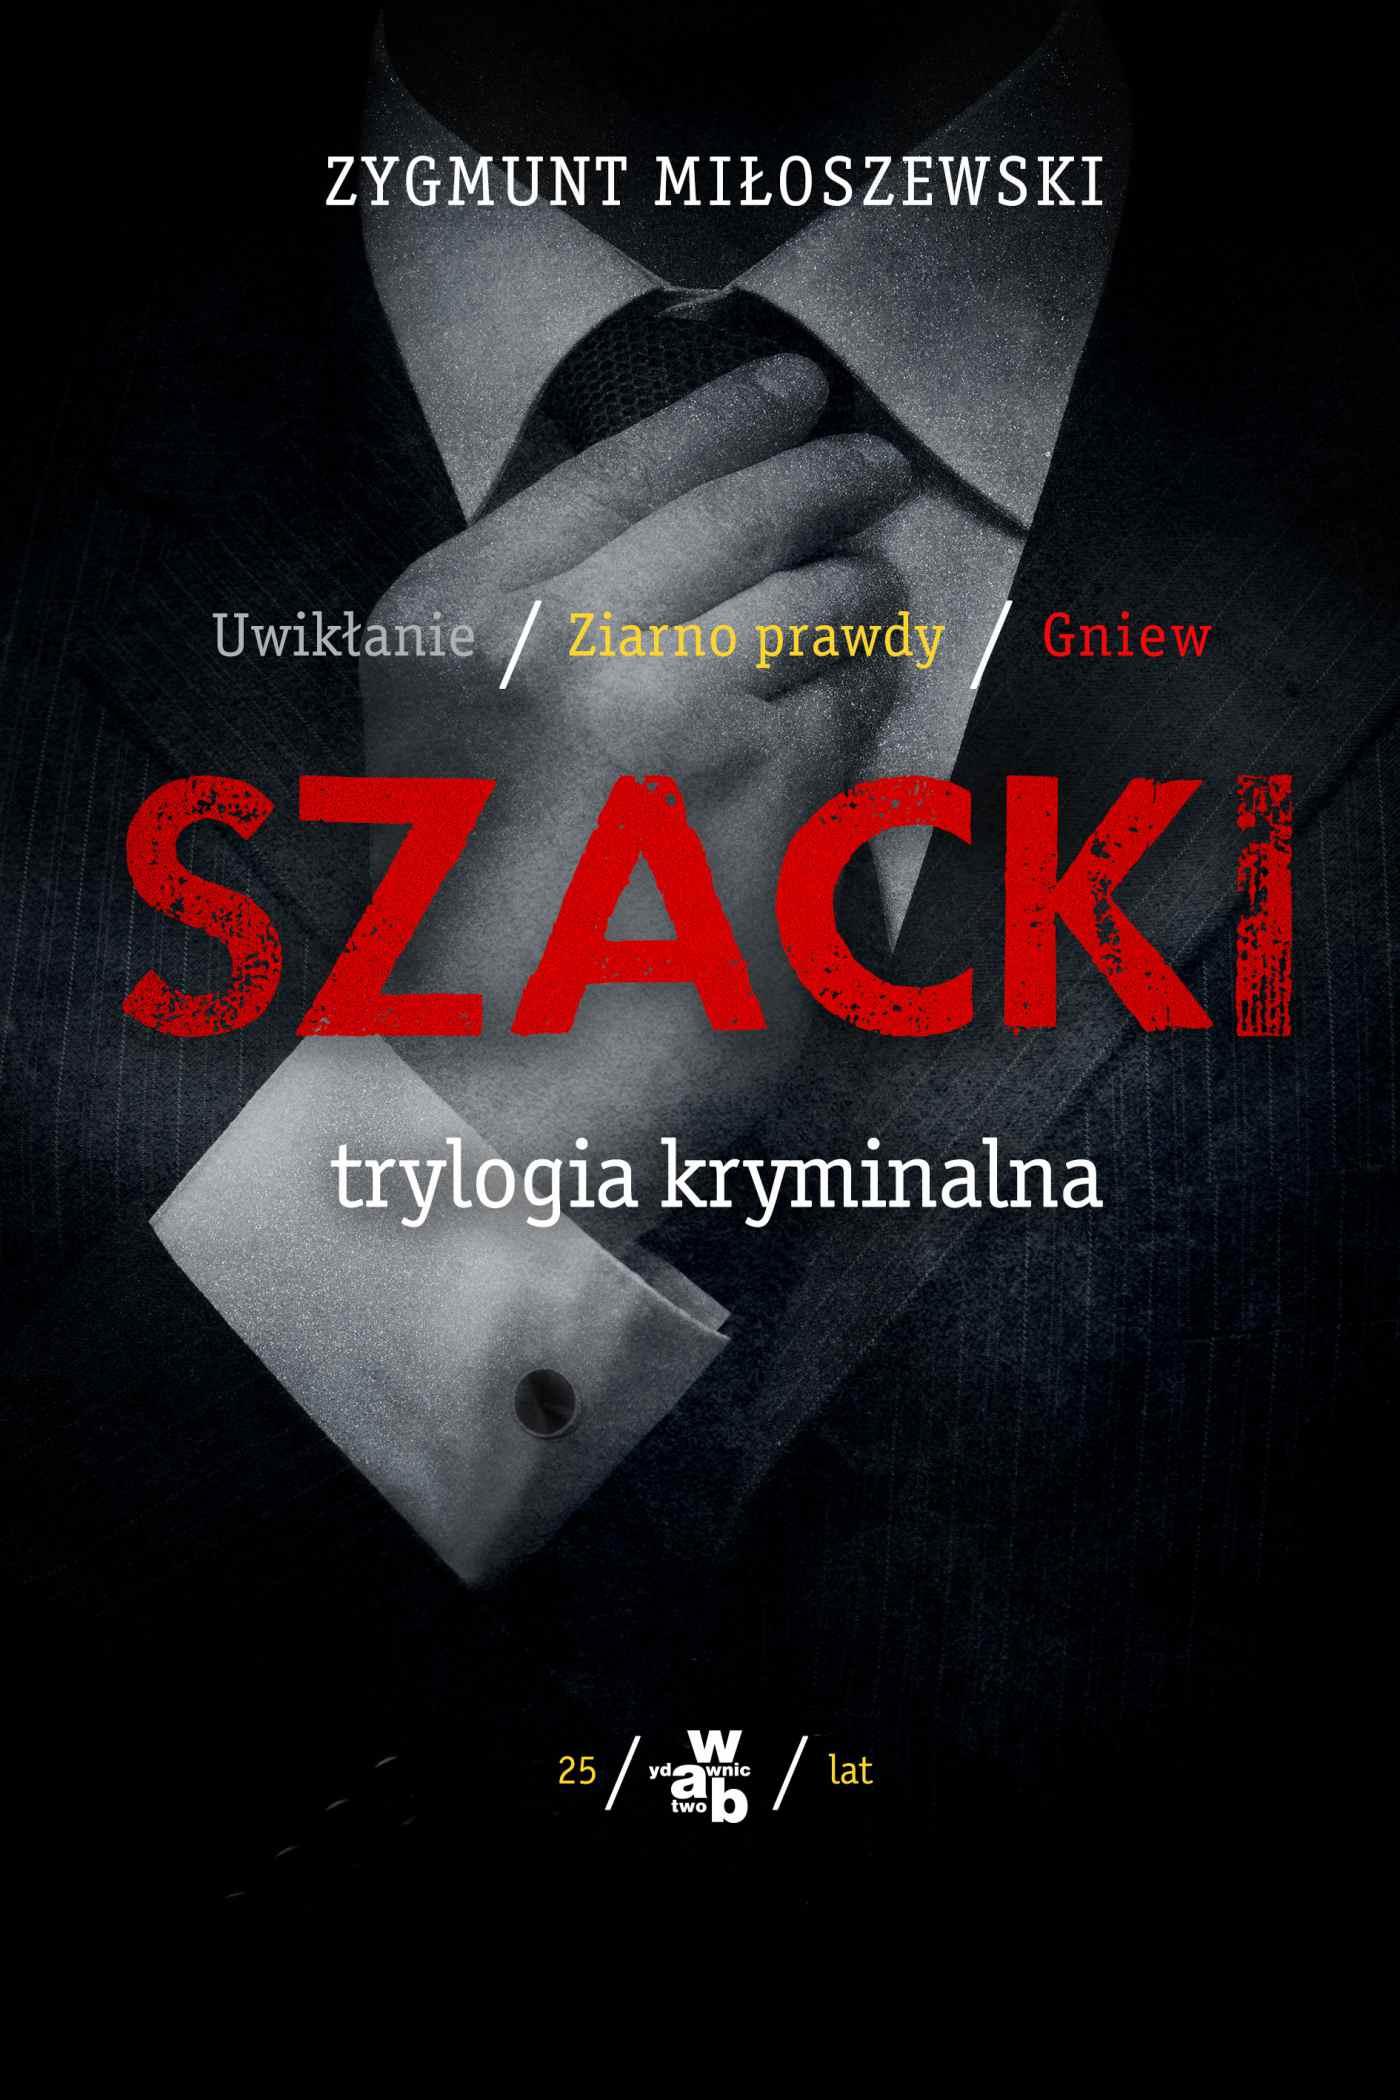 Szacki. Trylogia kryminalna – ebook.Autor: Zygmunt Miłoszewski